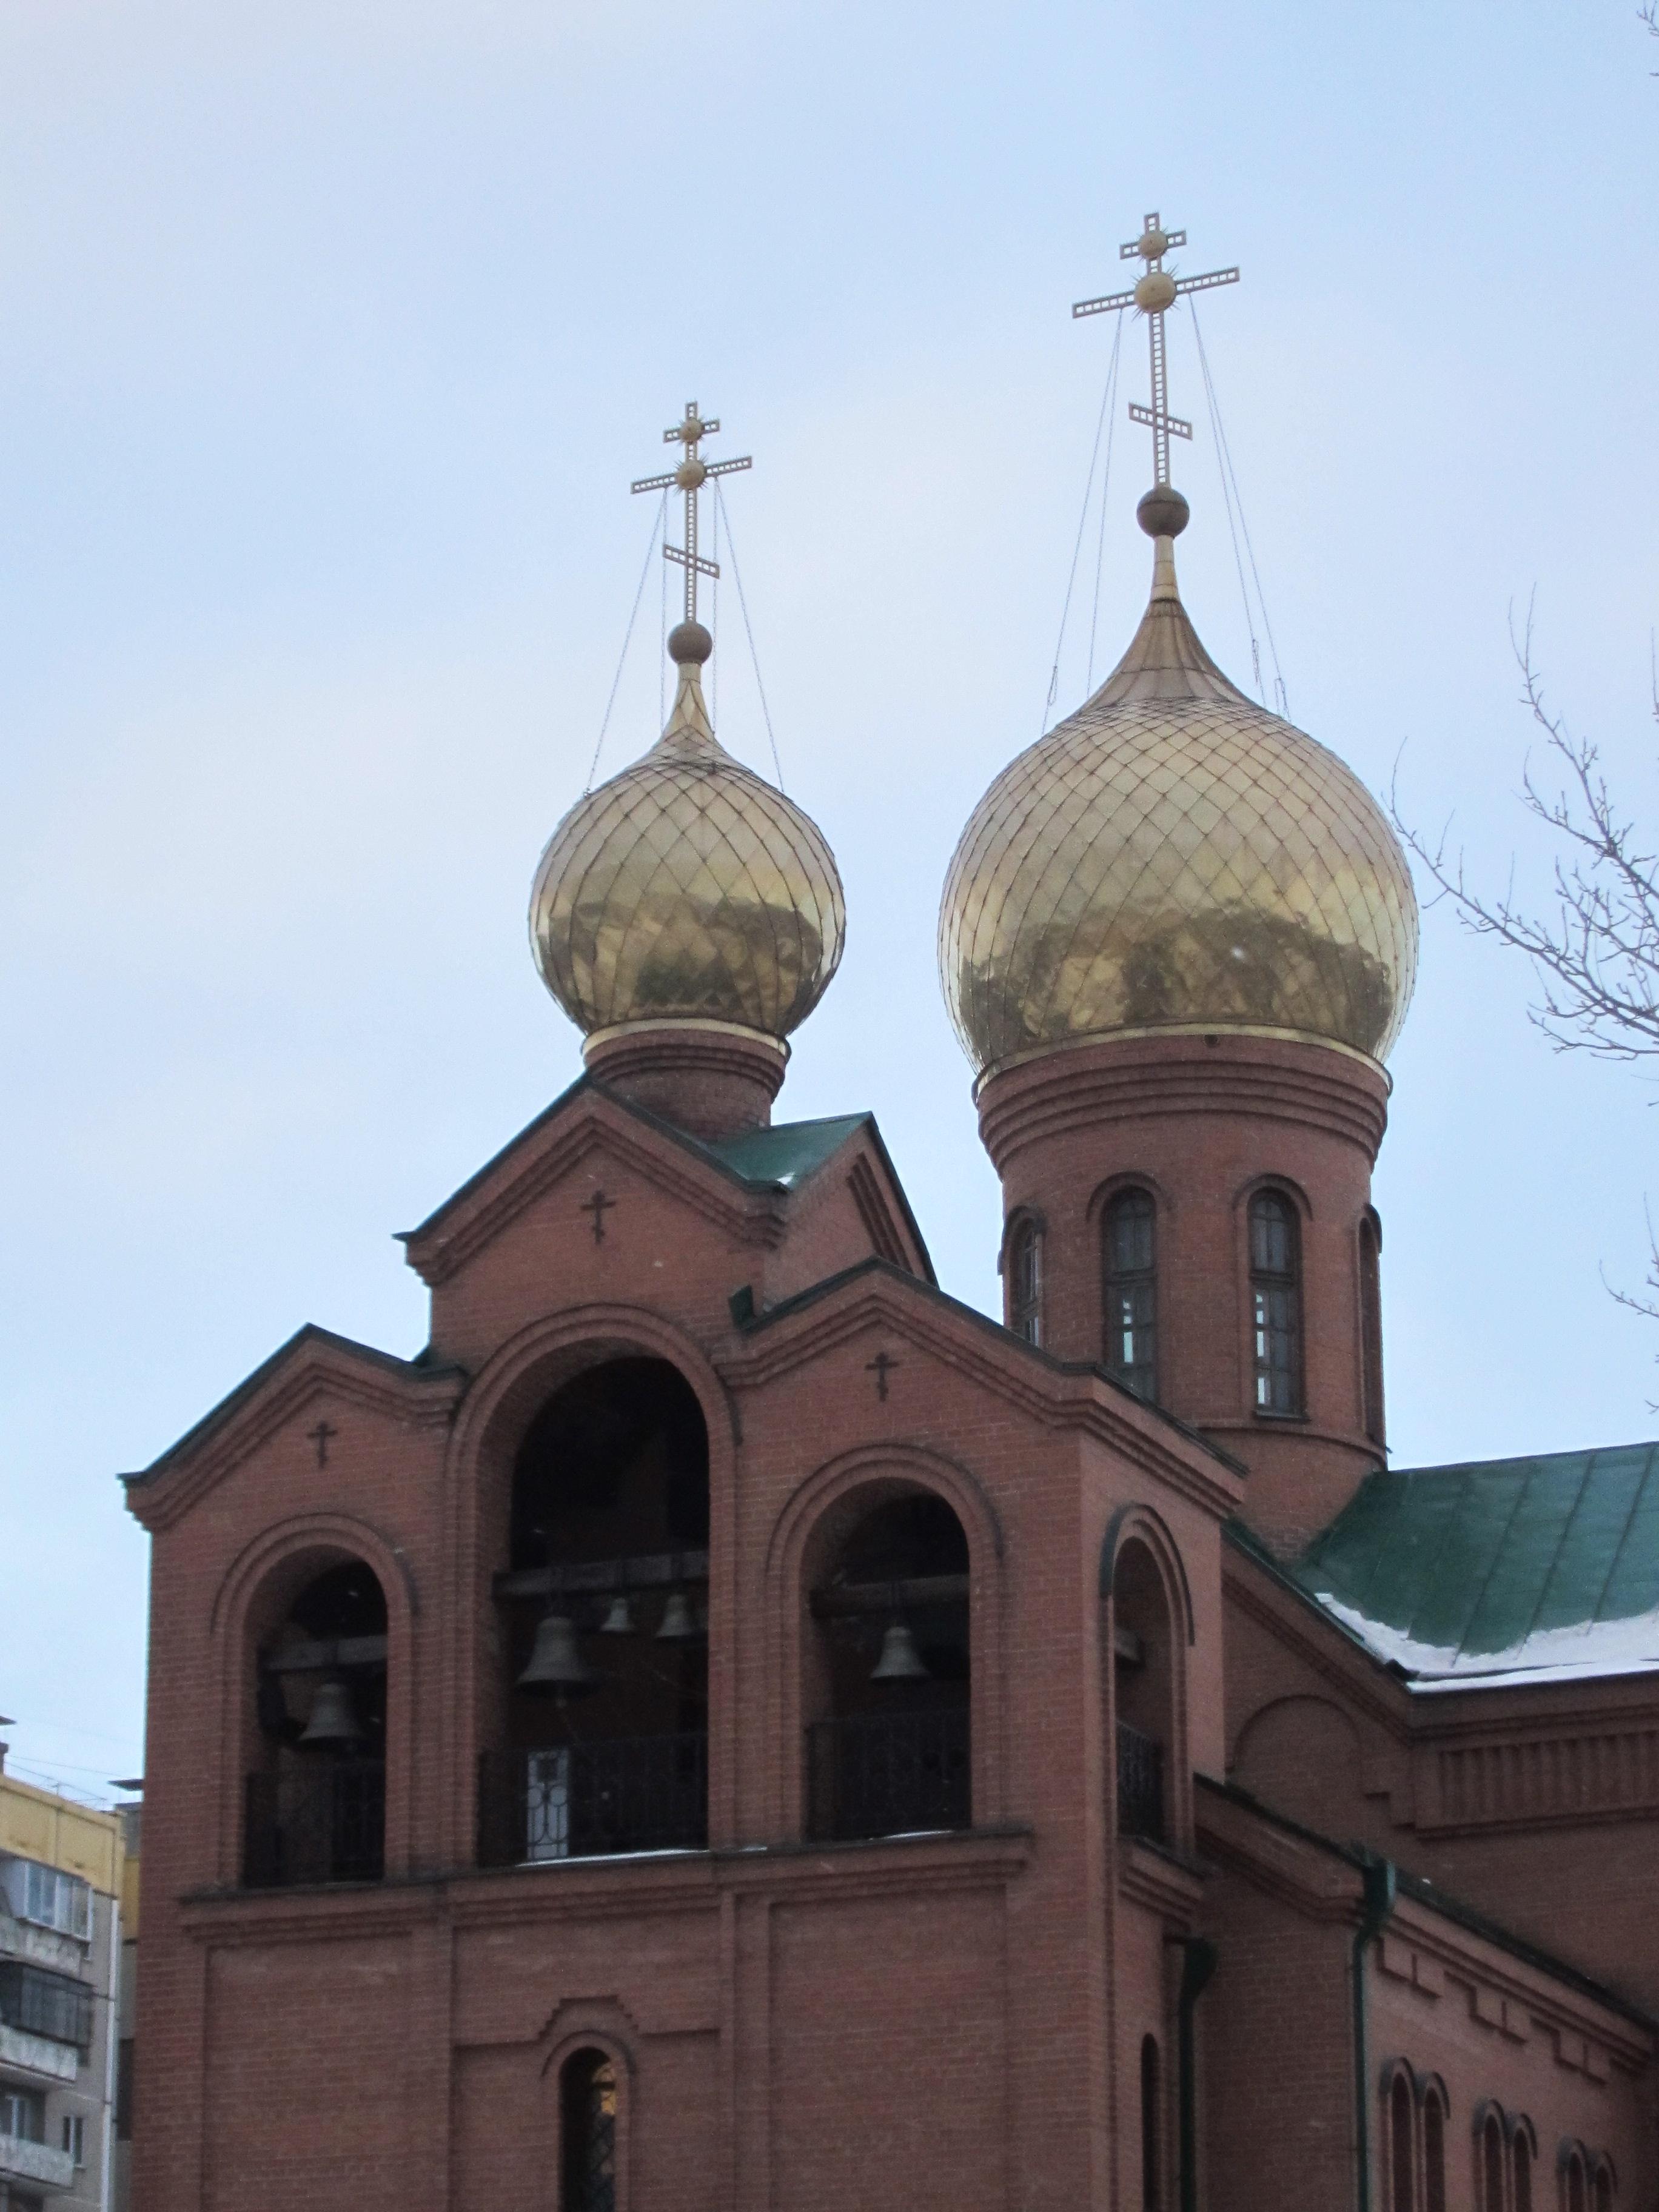 Вид на колокольню и купола (26.05.2015)